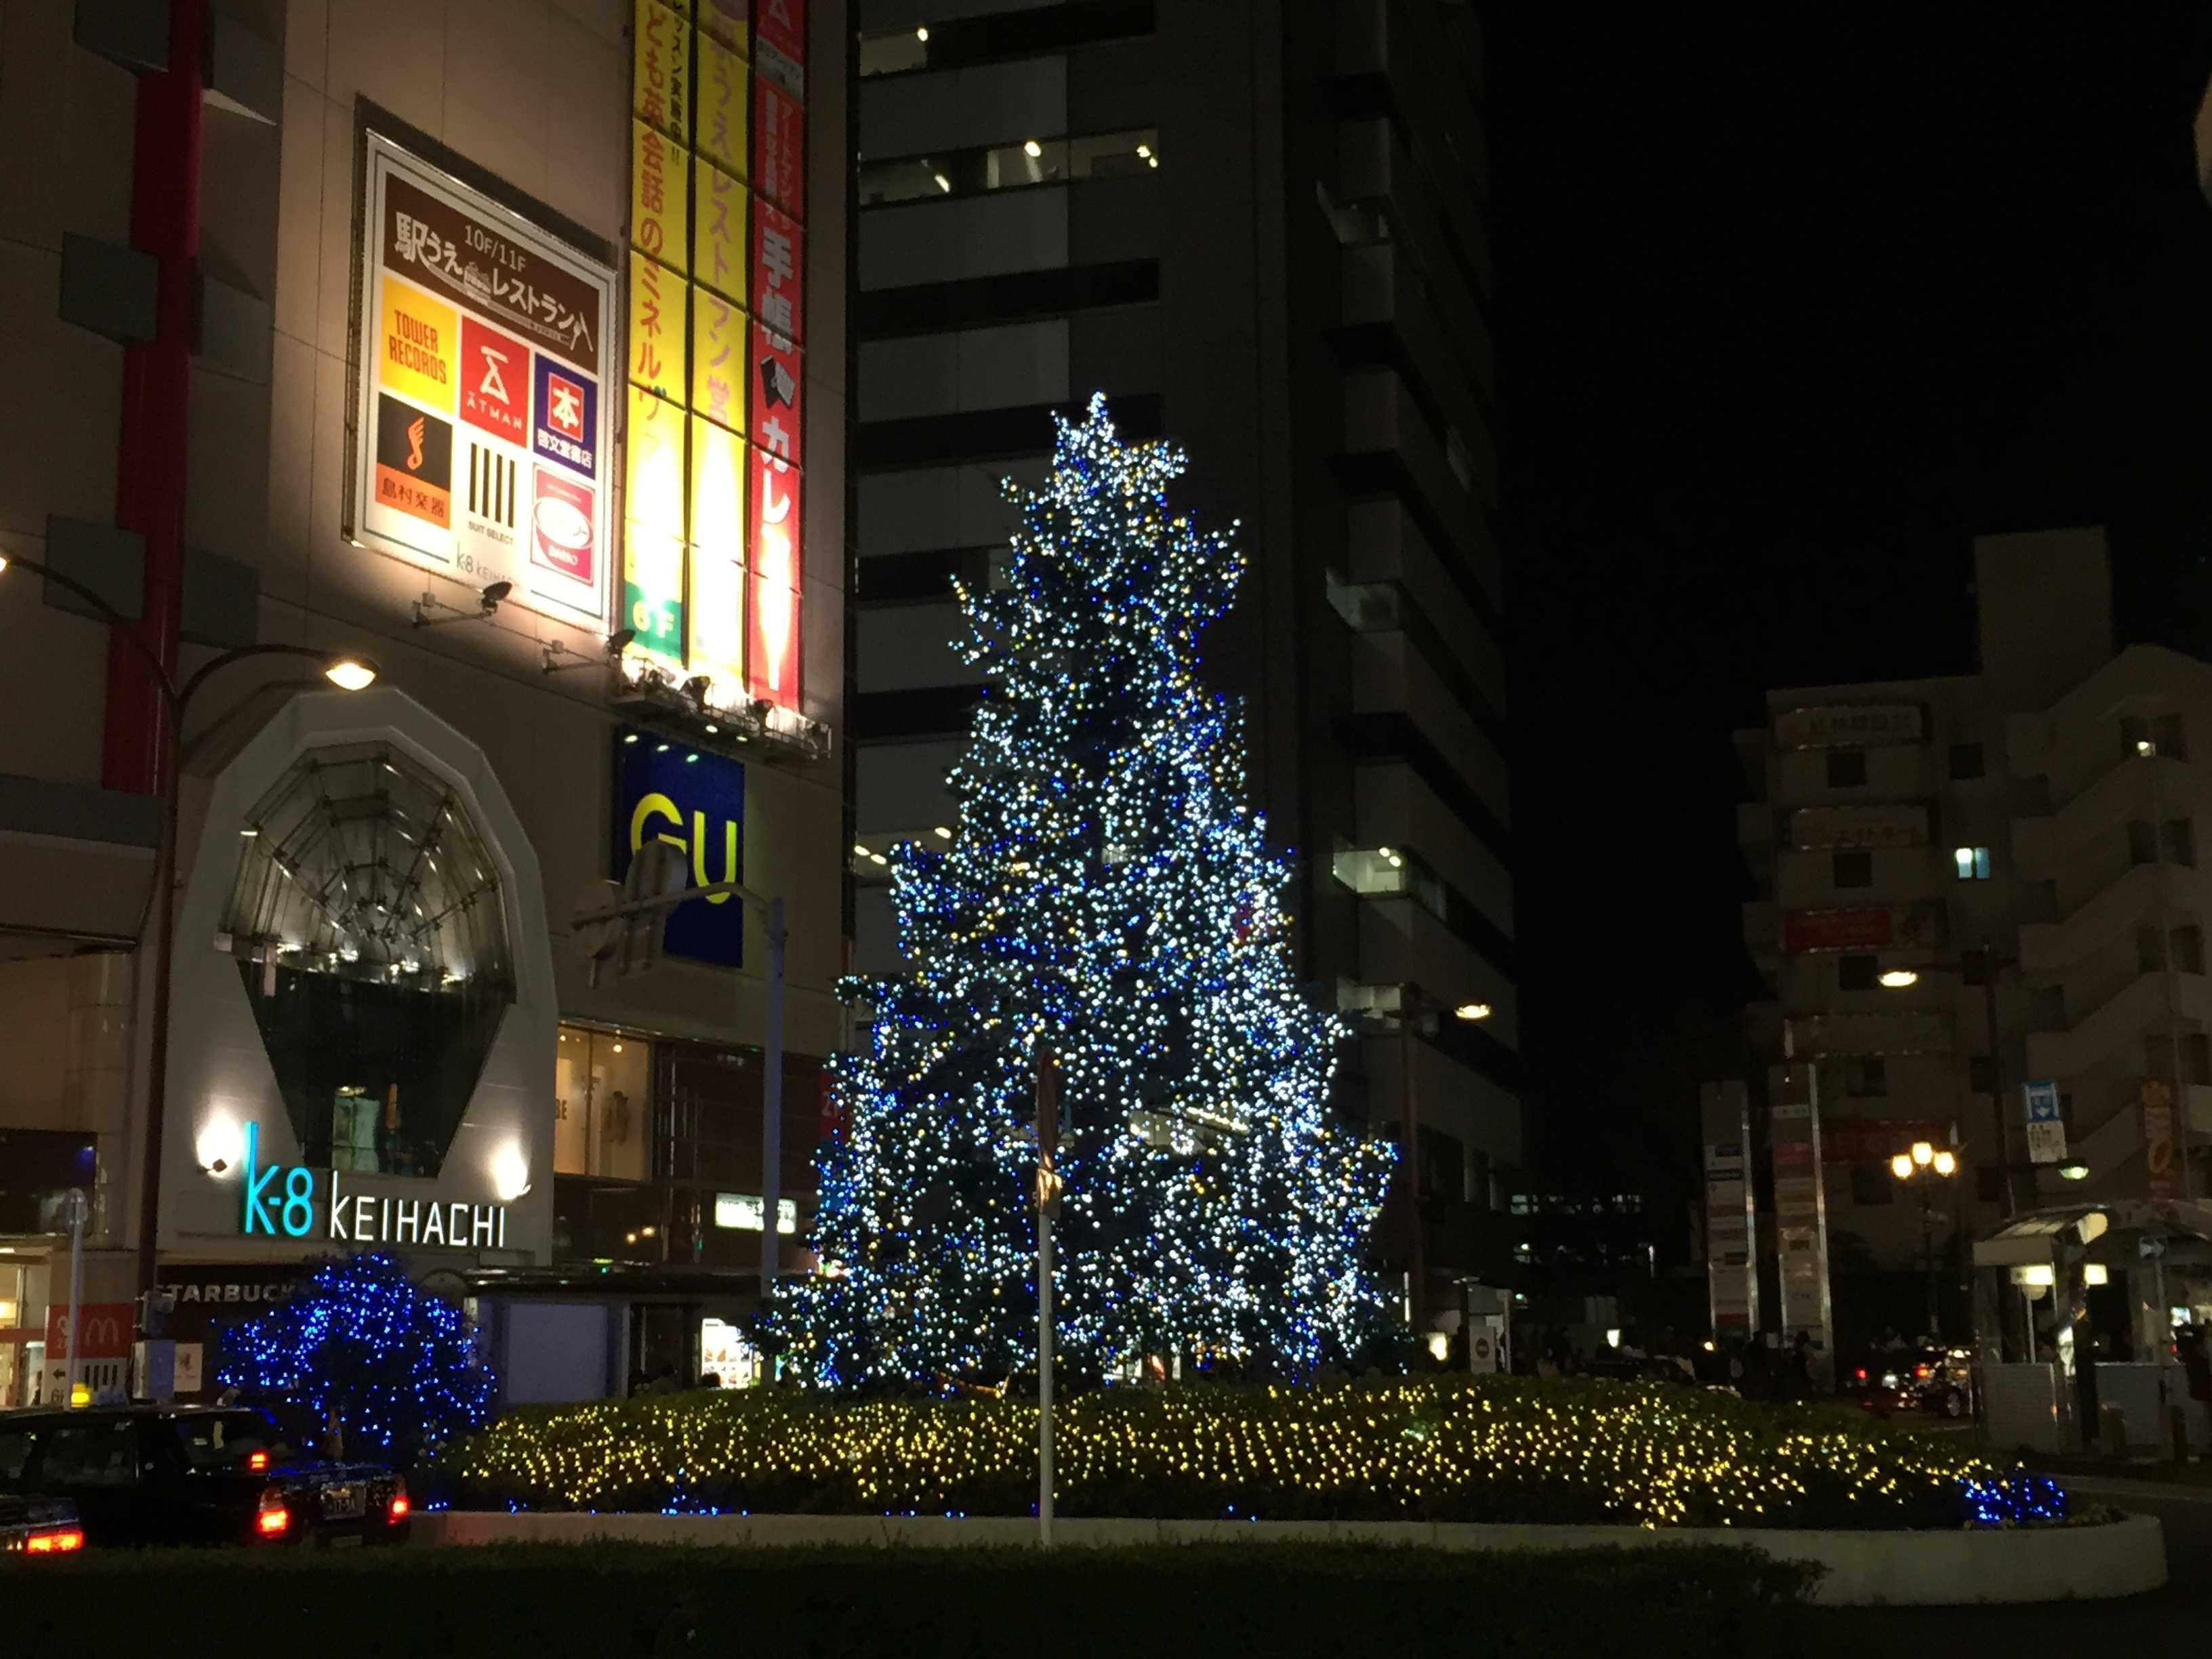 京八前のクリスマスツリー